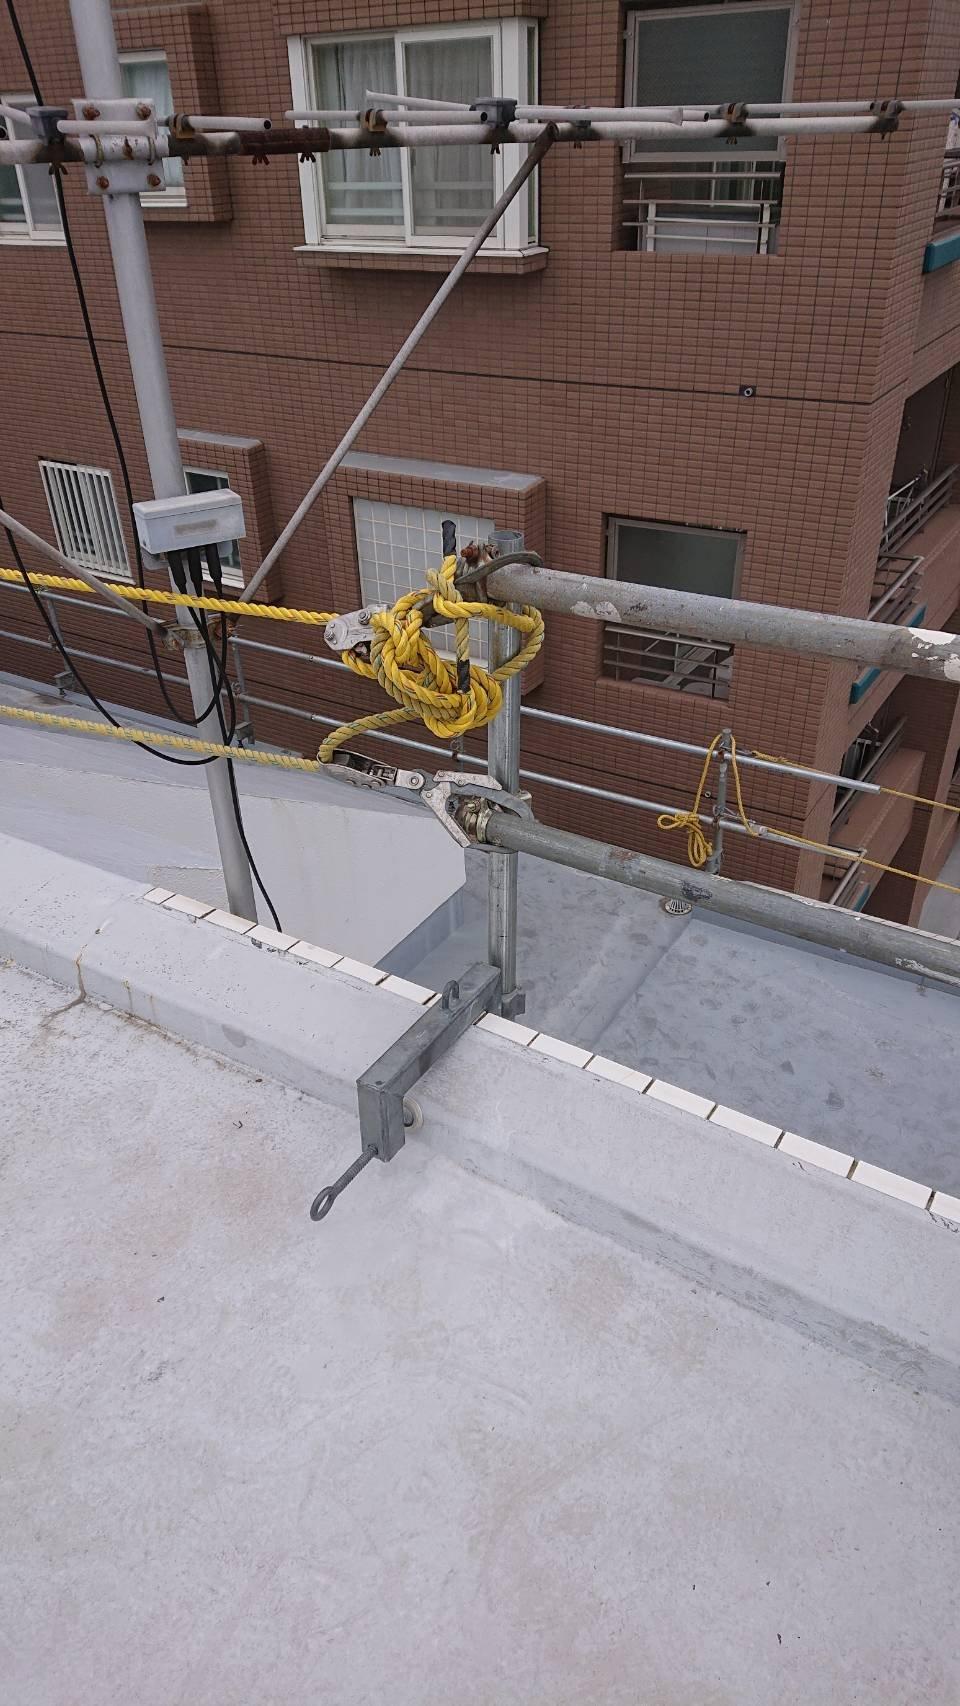 野崎工業 足場工事 施工事例             神奈川県横浜市南区                               5階建てマンション 落下防止